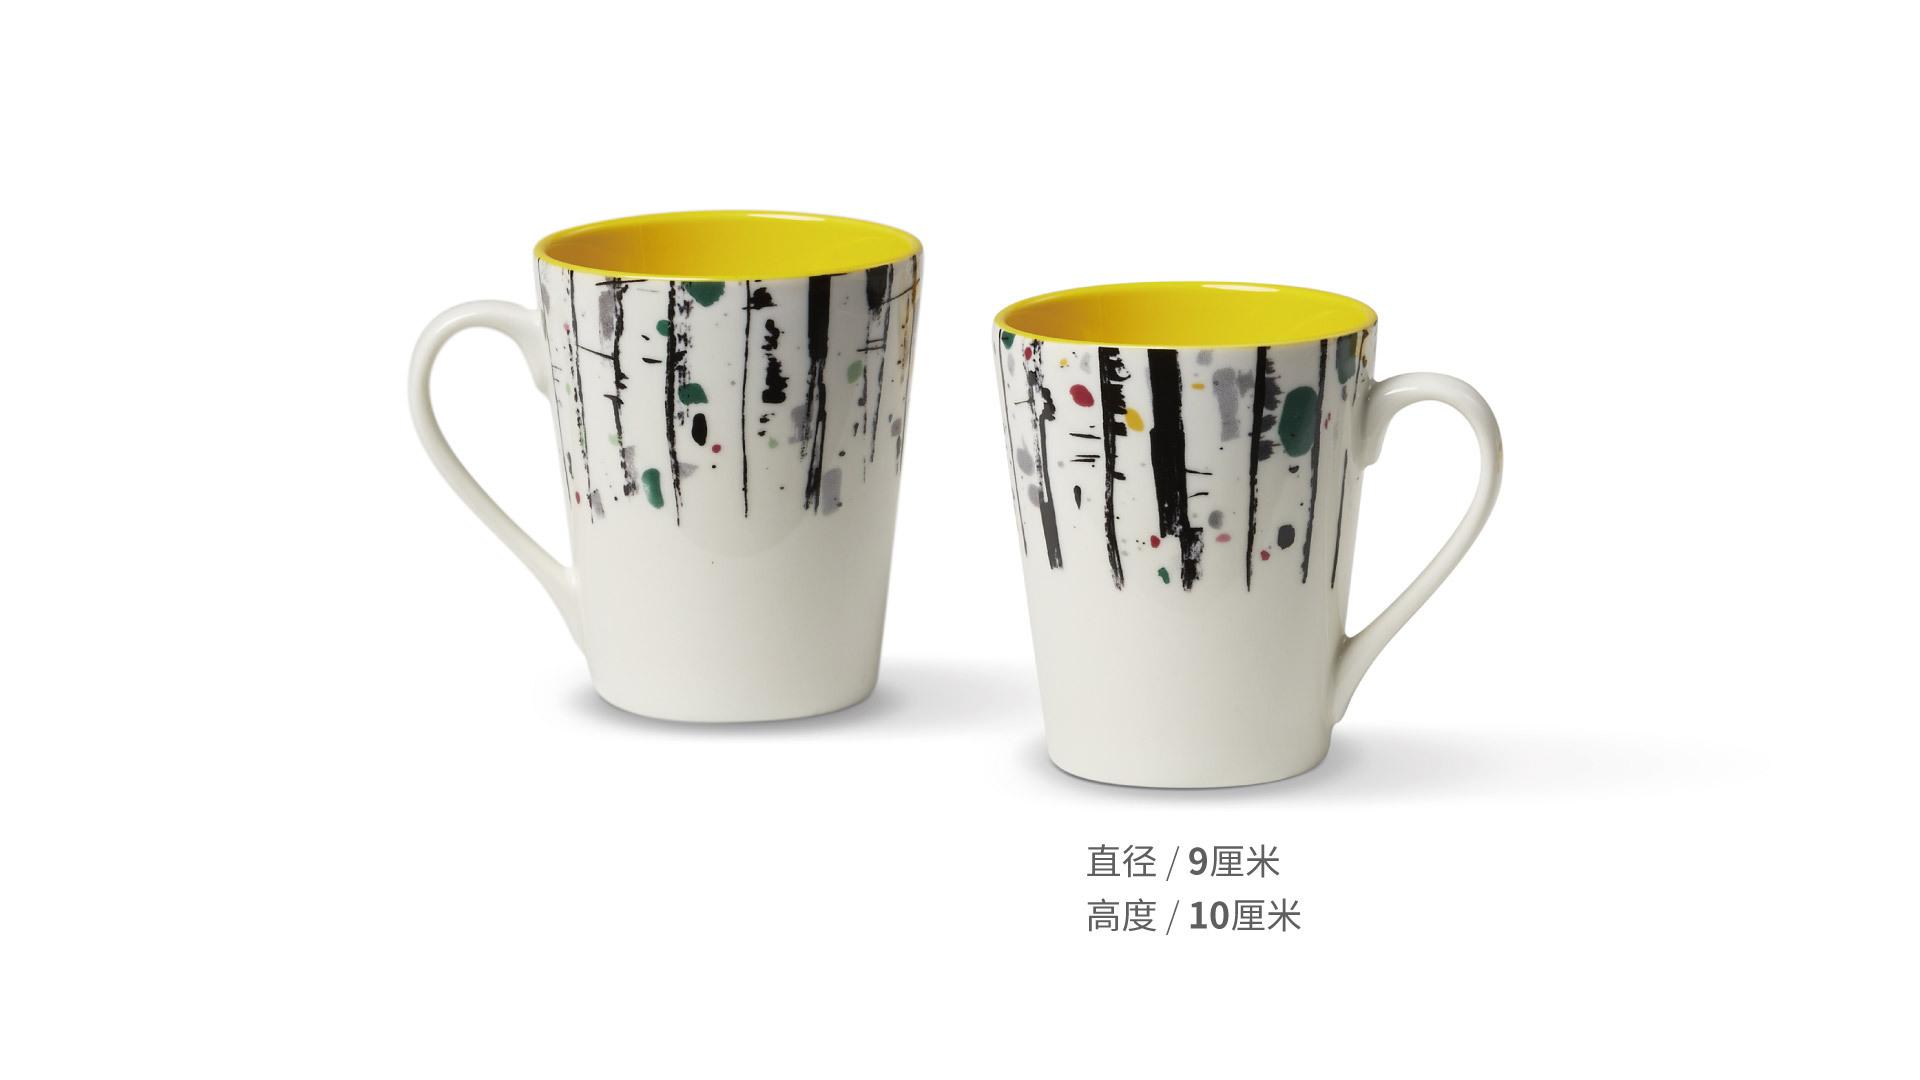 吴冠中系列纹样餐具-白桦林马克杯套装餐具效果图